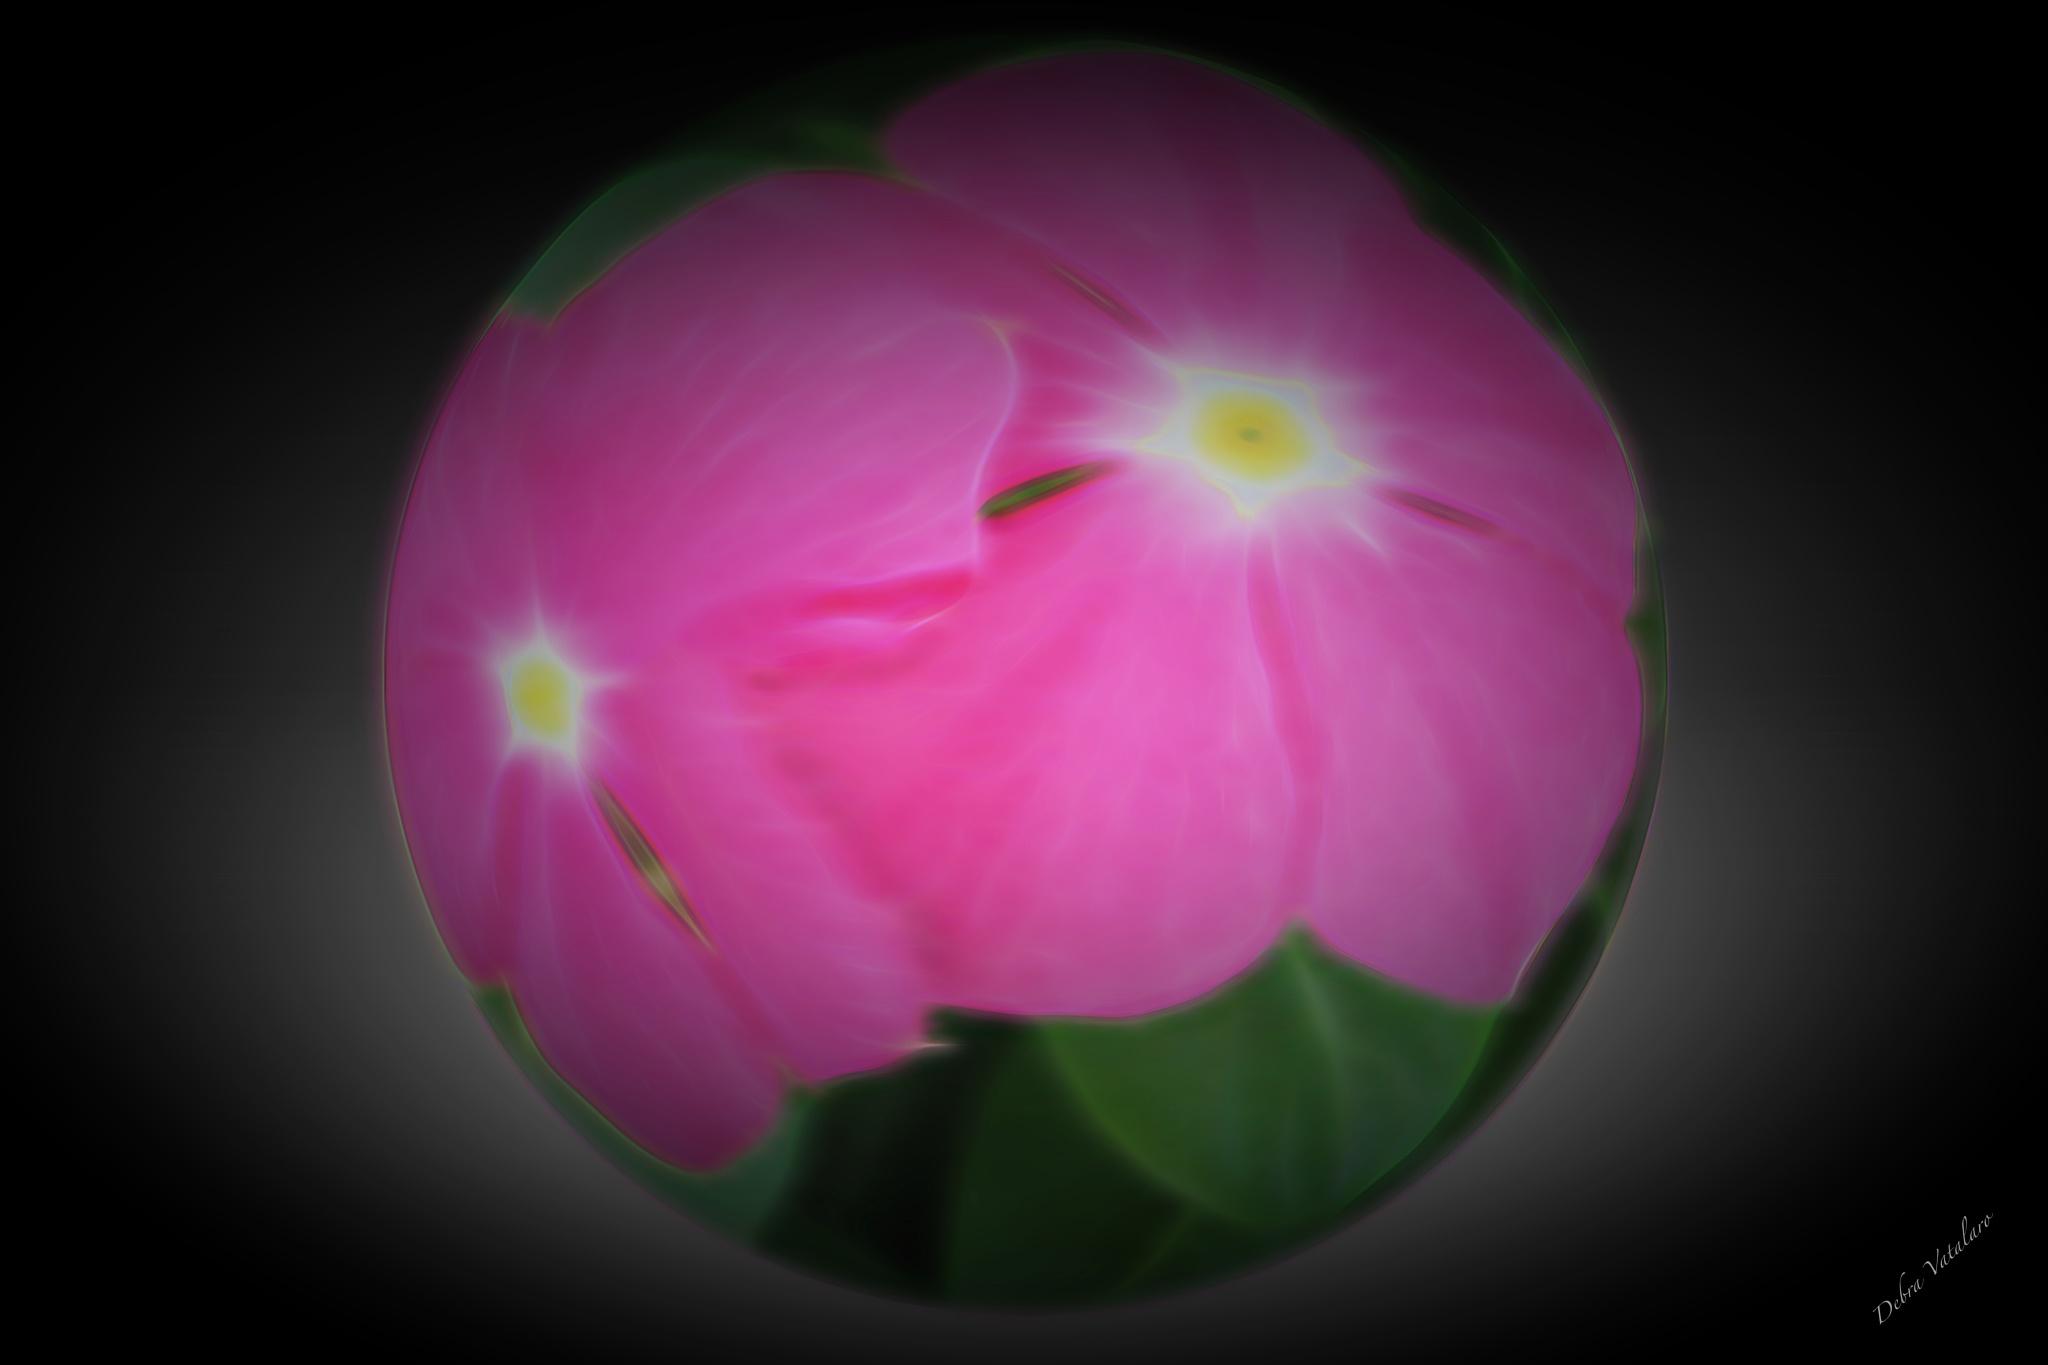 My Pearls-Dark flower by DAVatalaro